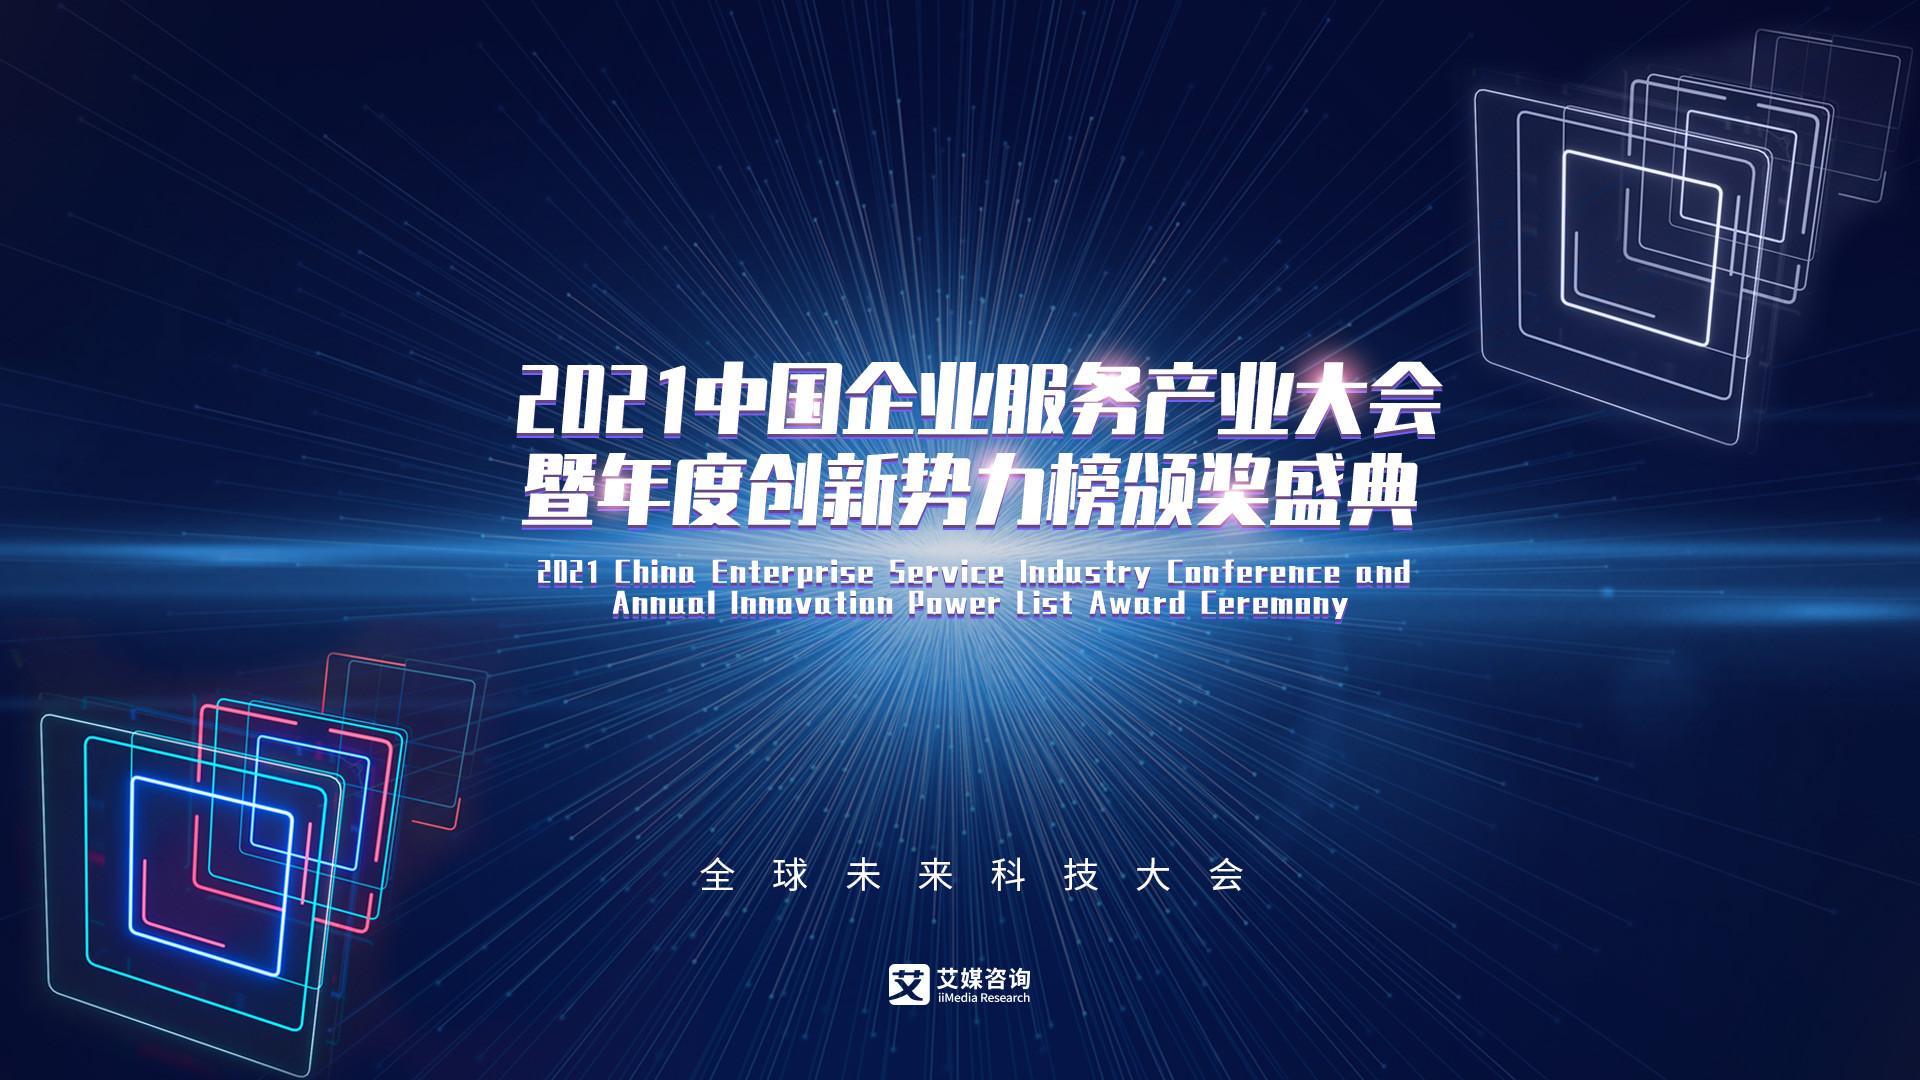 2021中国企业服务产业大会暨年度创新势力榜颁奖盛典(全球未来科技大会)